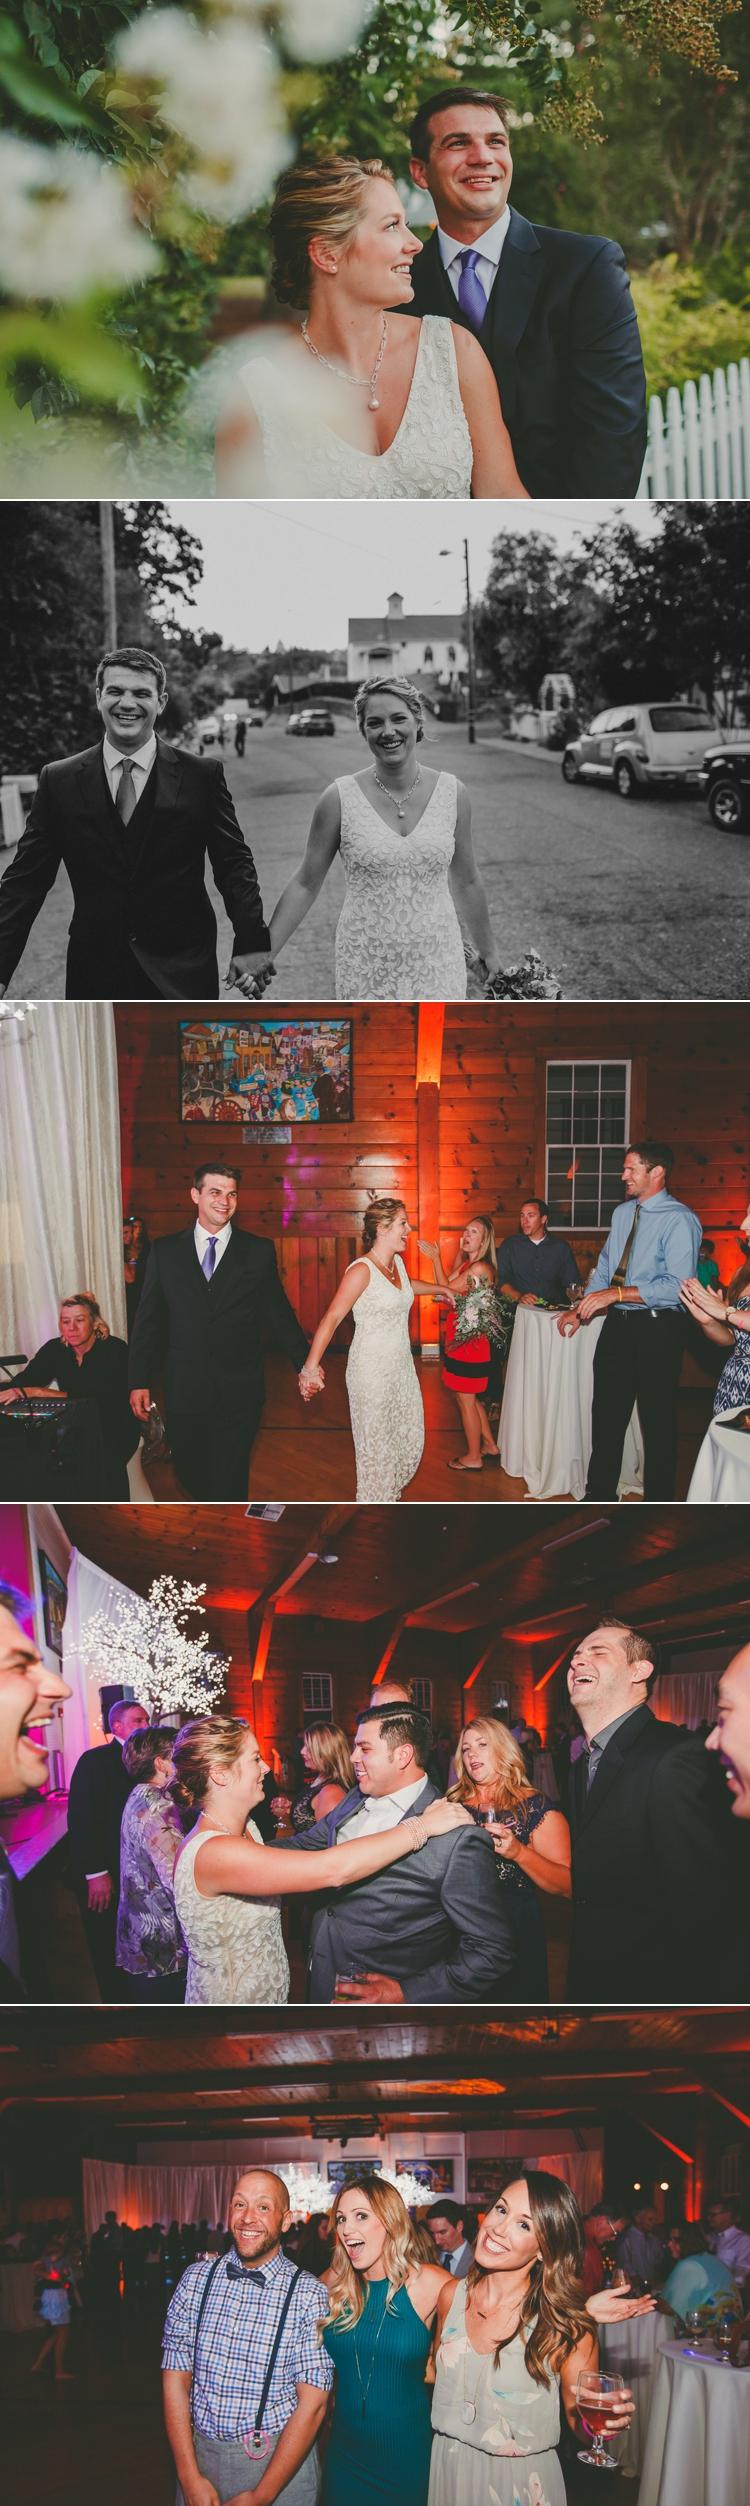 sutter-creek-wedding-photography-16